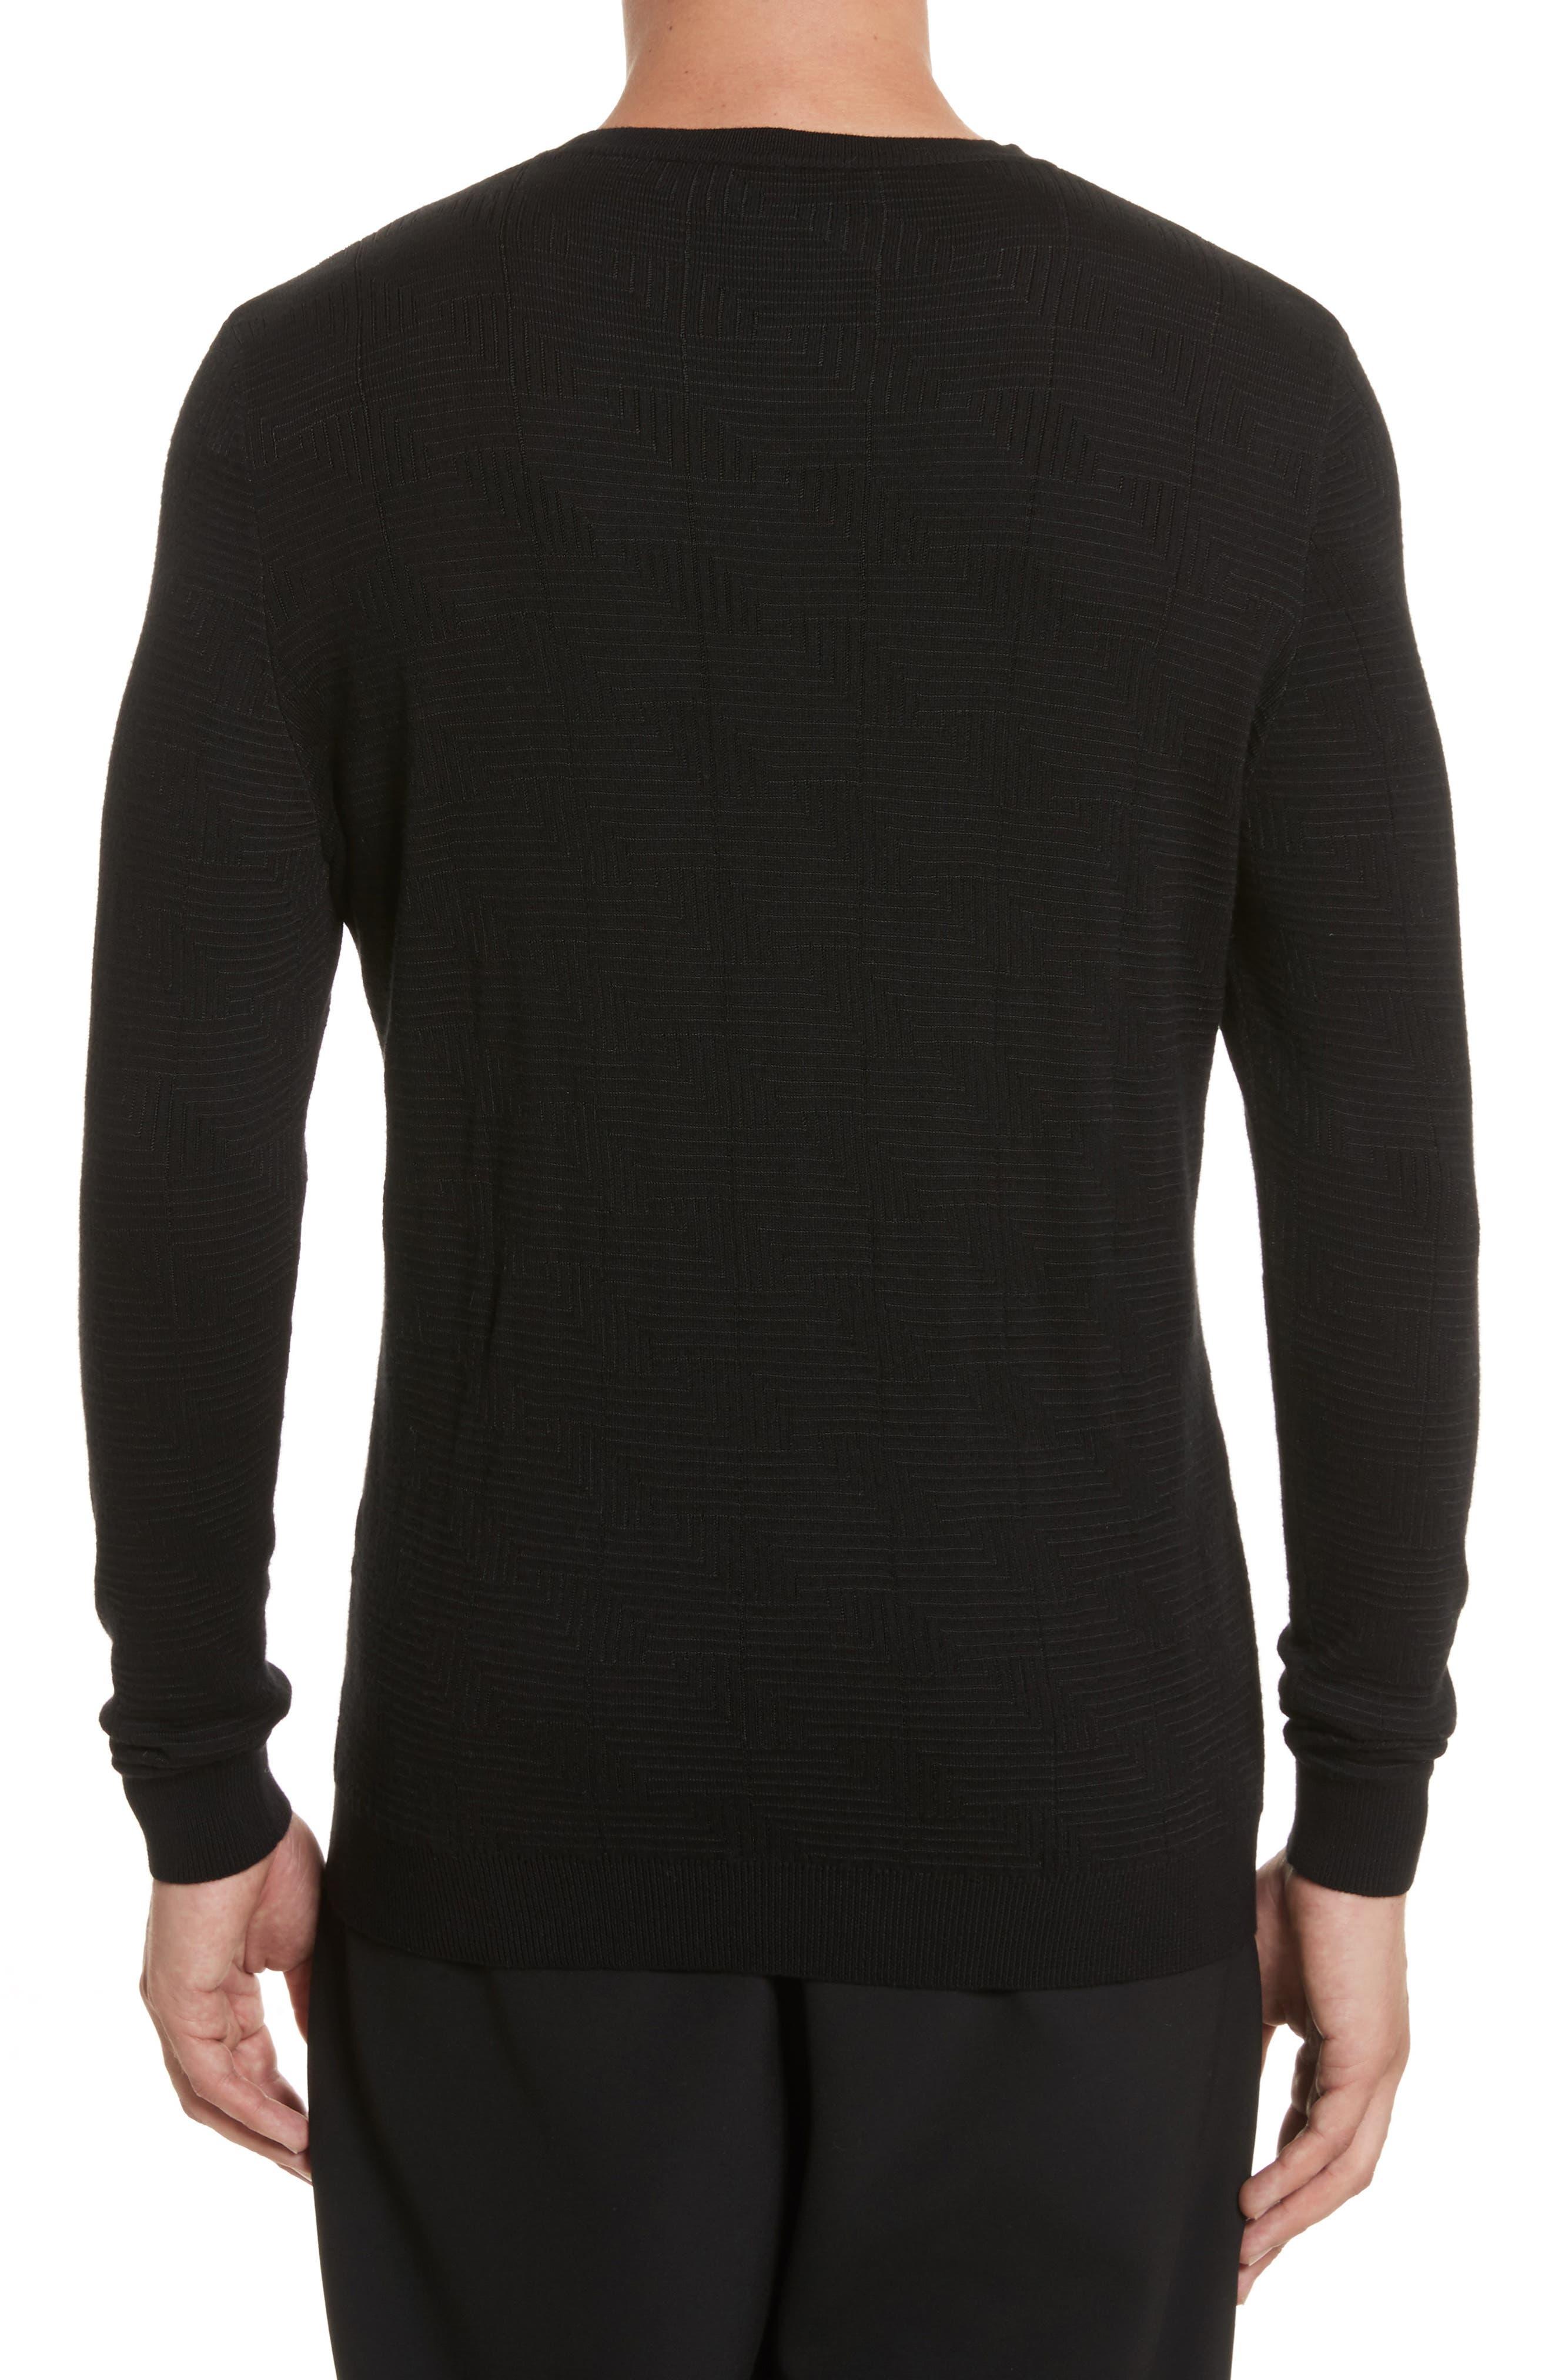 Frame Jacquard Sweater,                             Alternate thumbnail 2, color,                             Black